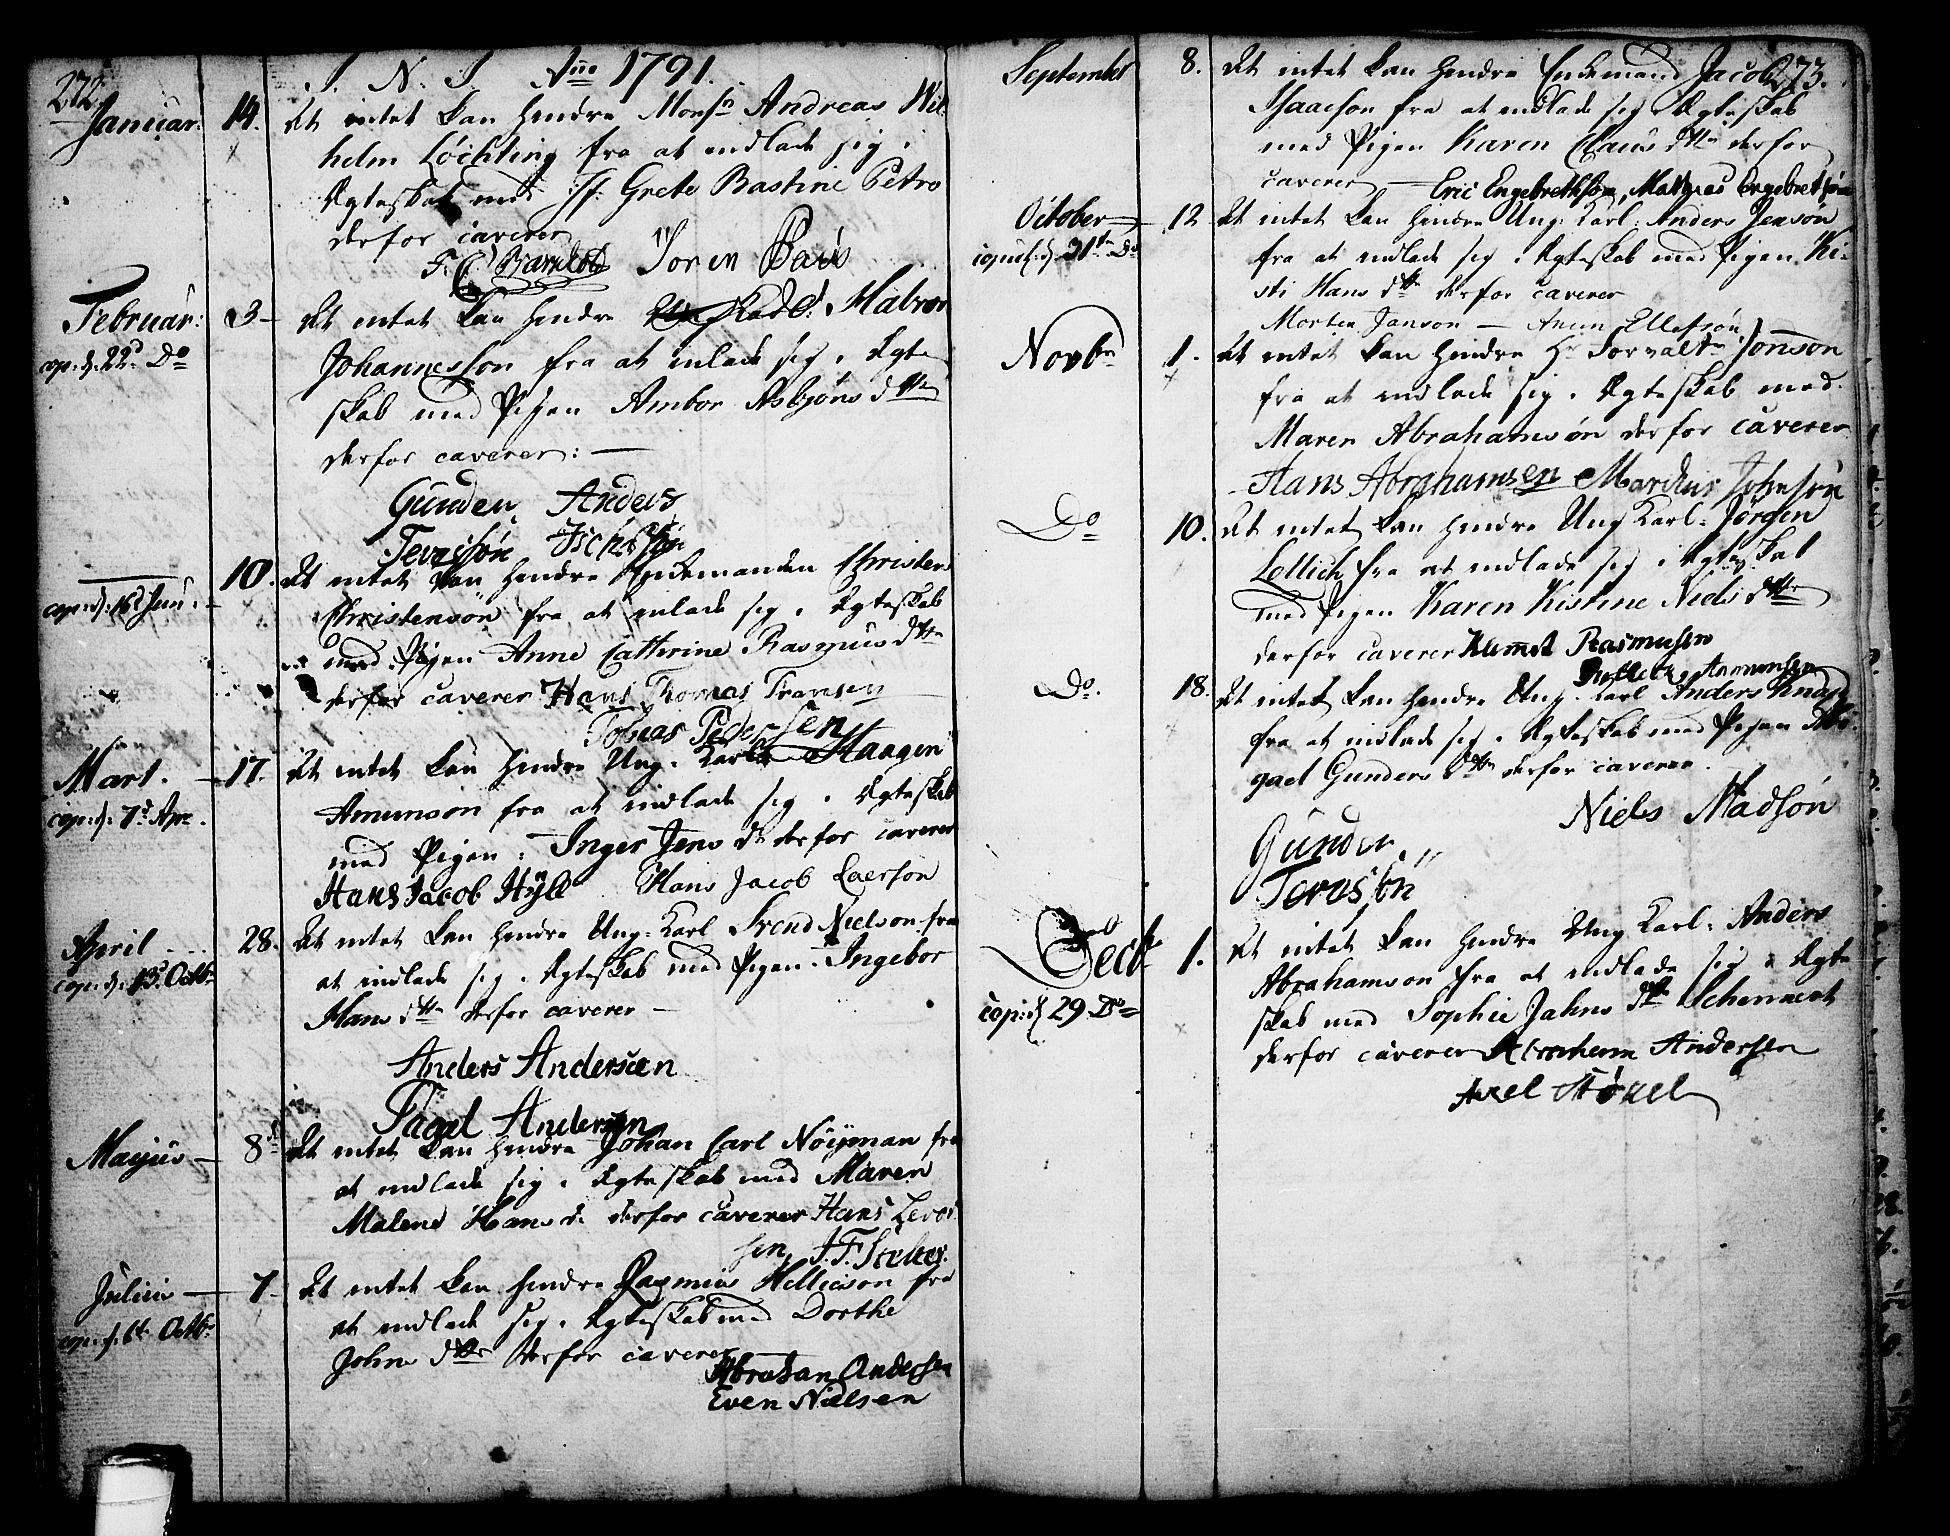 SAKO, Skien kirkebøker, F/Fa/L0003: Ministerialbok nr. 3, 1755-1791, s. 272-273